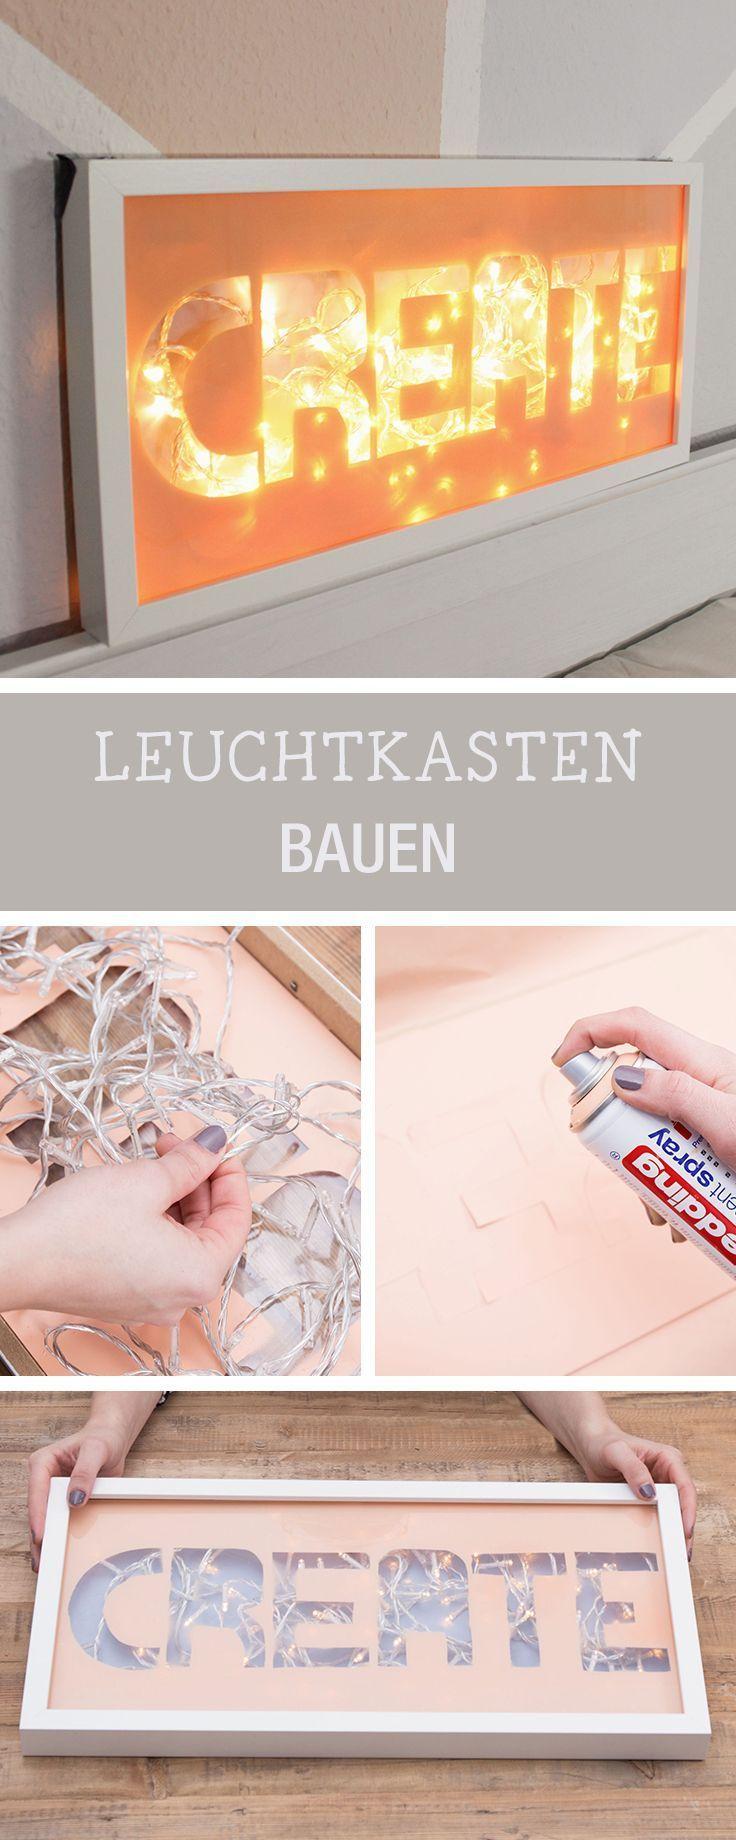 DIY Inspiration Für Einen Leuchtkasten Mit Typo / Craft Your Own Lightbox  With Lettering Via